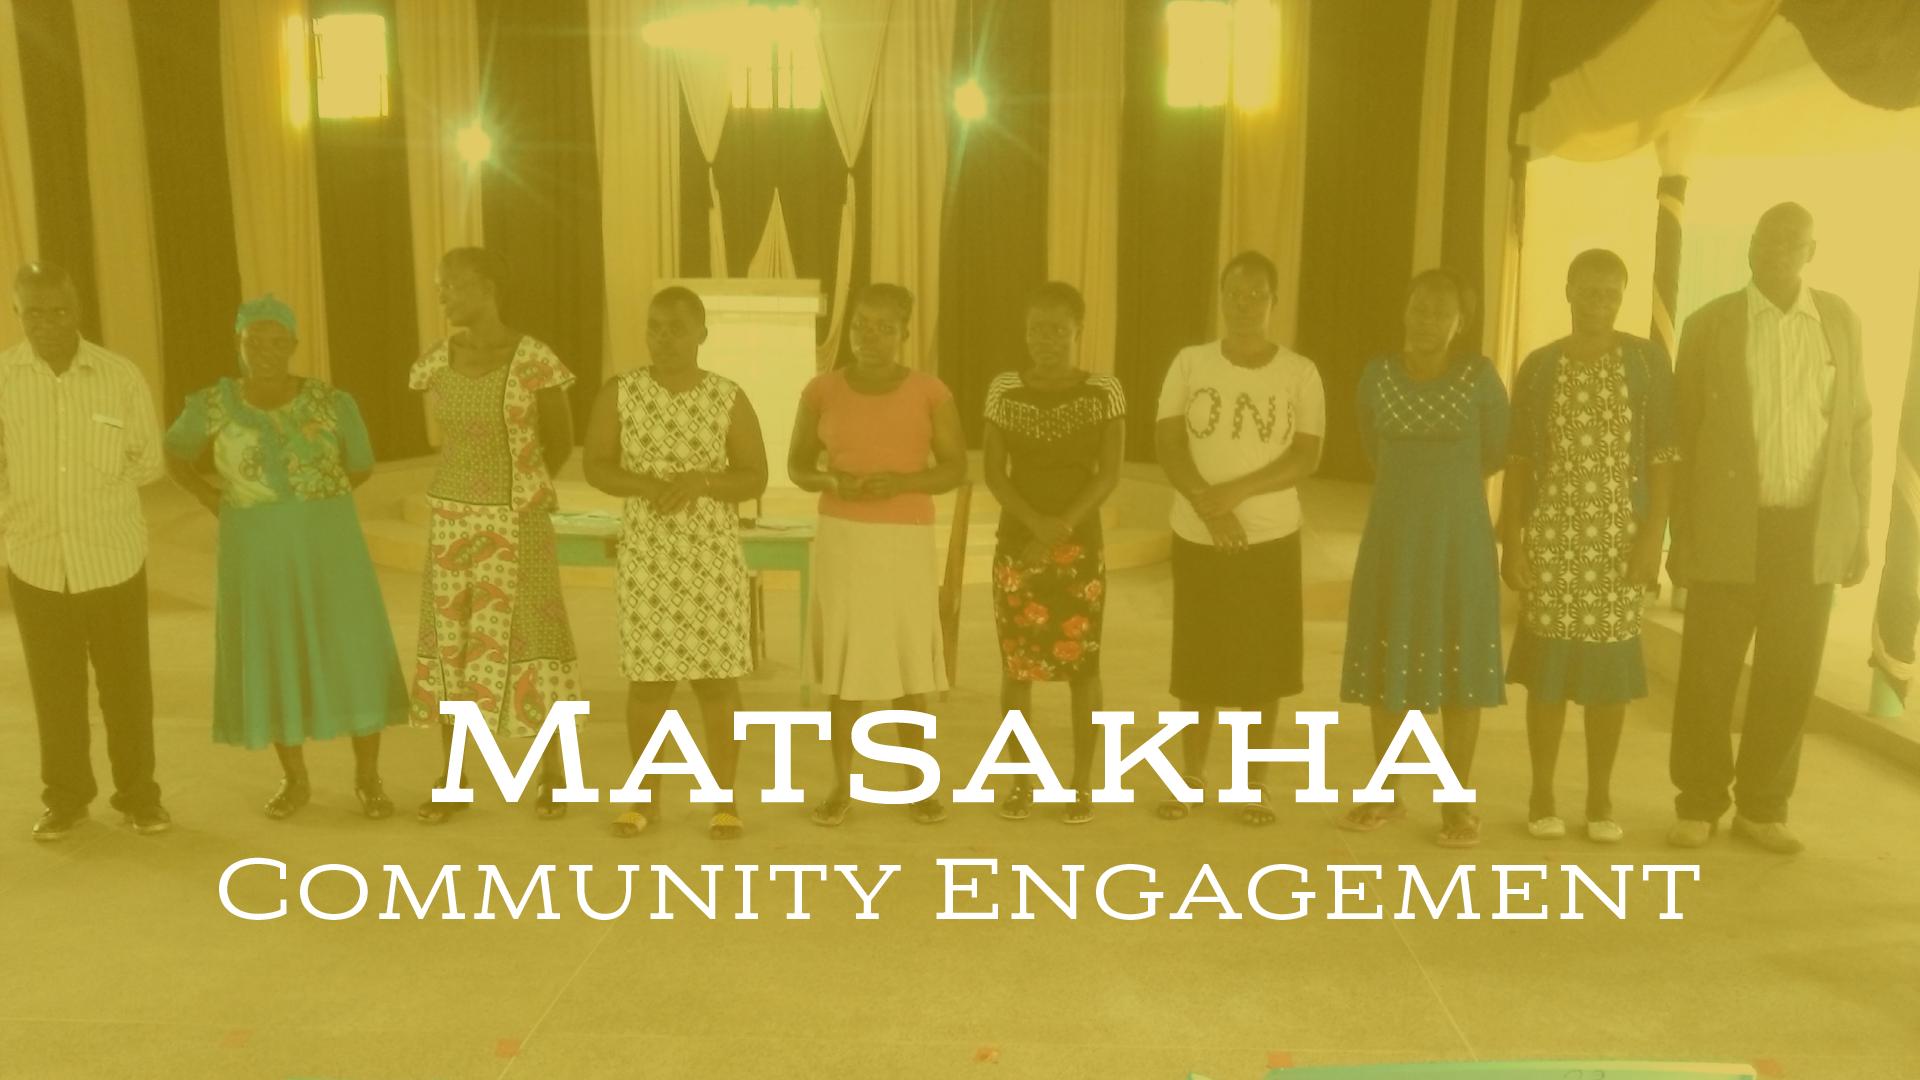 Matsakha Community Engagement